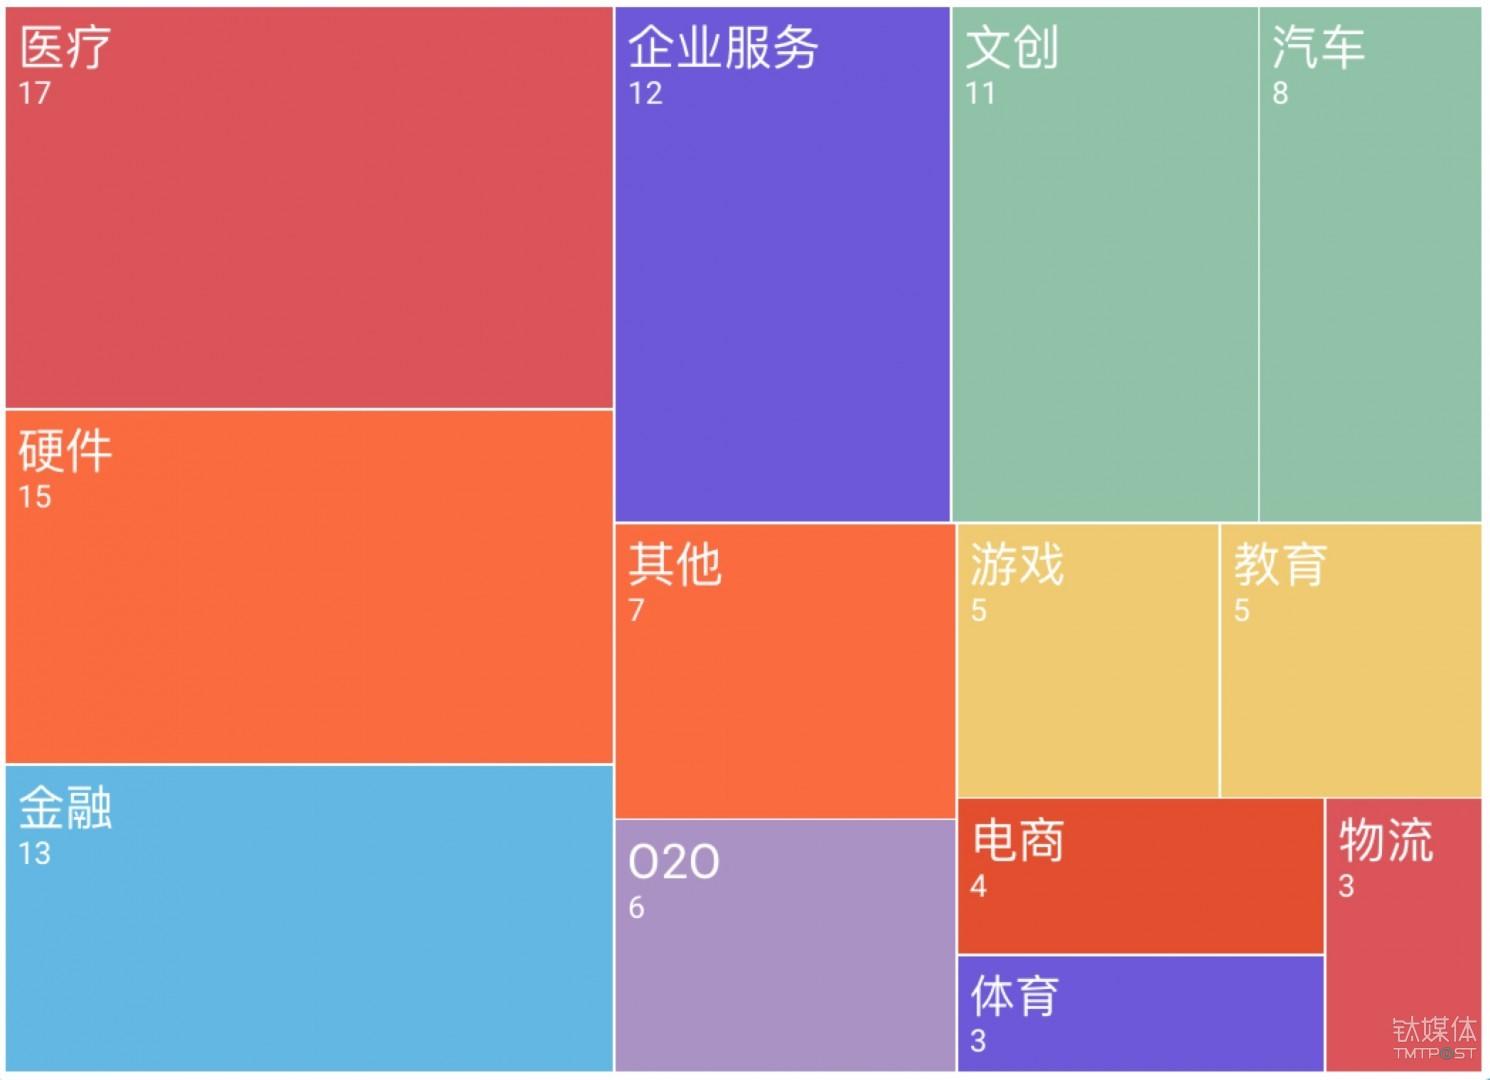 9月国内过亿元融资事件领域分布